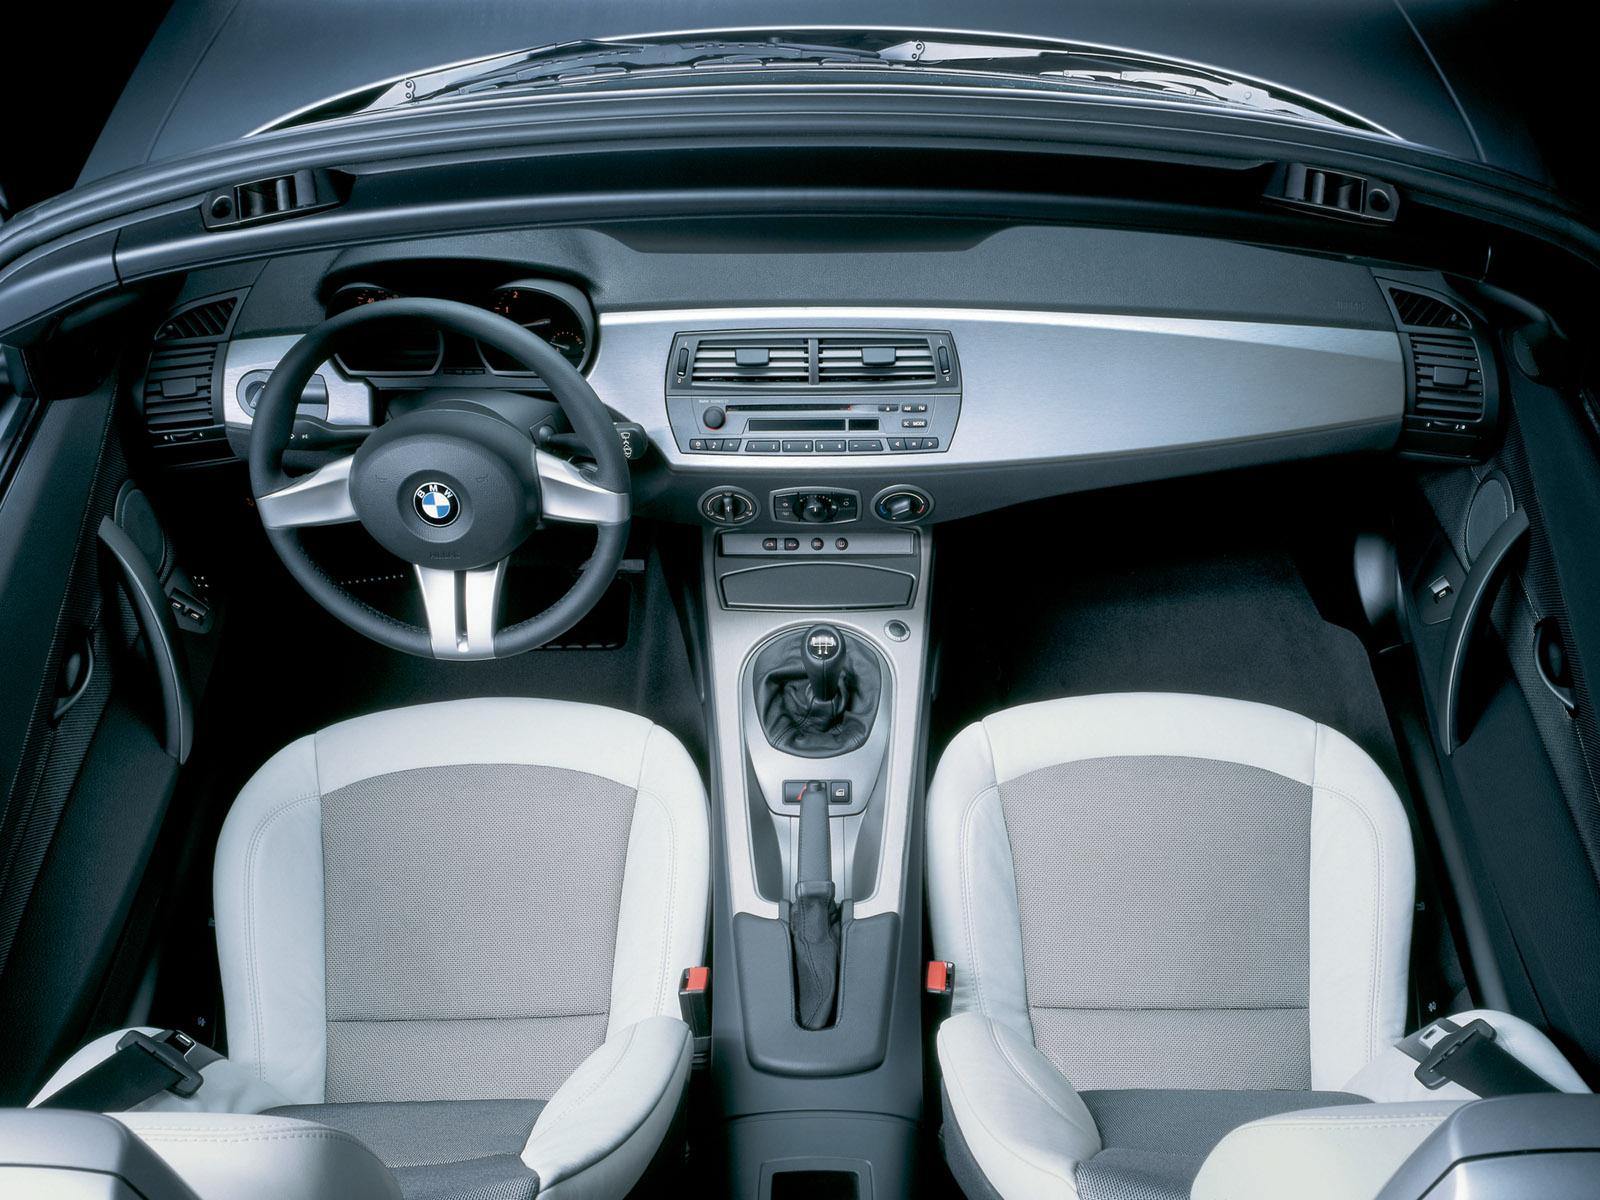 http://1.bp.blogspot.com/-POLtgaGqqVM/T0Wu0WZMSnI/AAAAAAAAJP8/yU4KNuSUYXY/s1600/BMW-Z4-black-interior-wallpaper.jpg